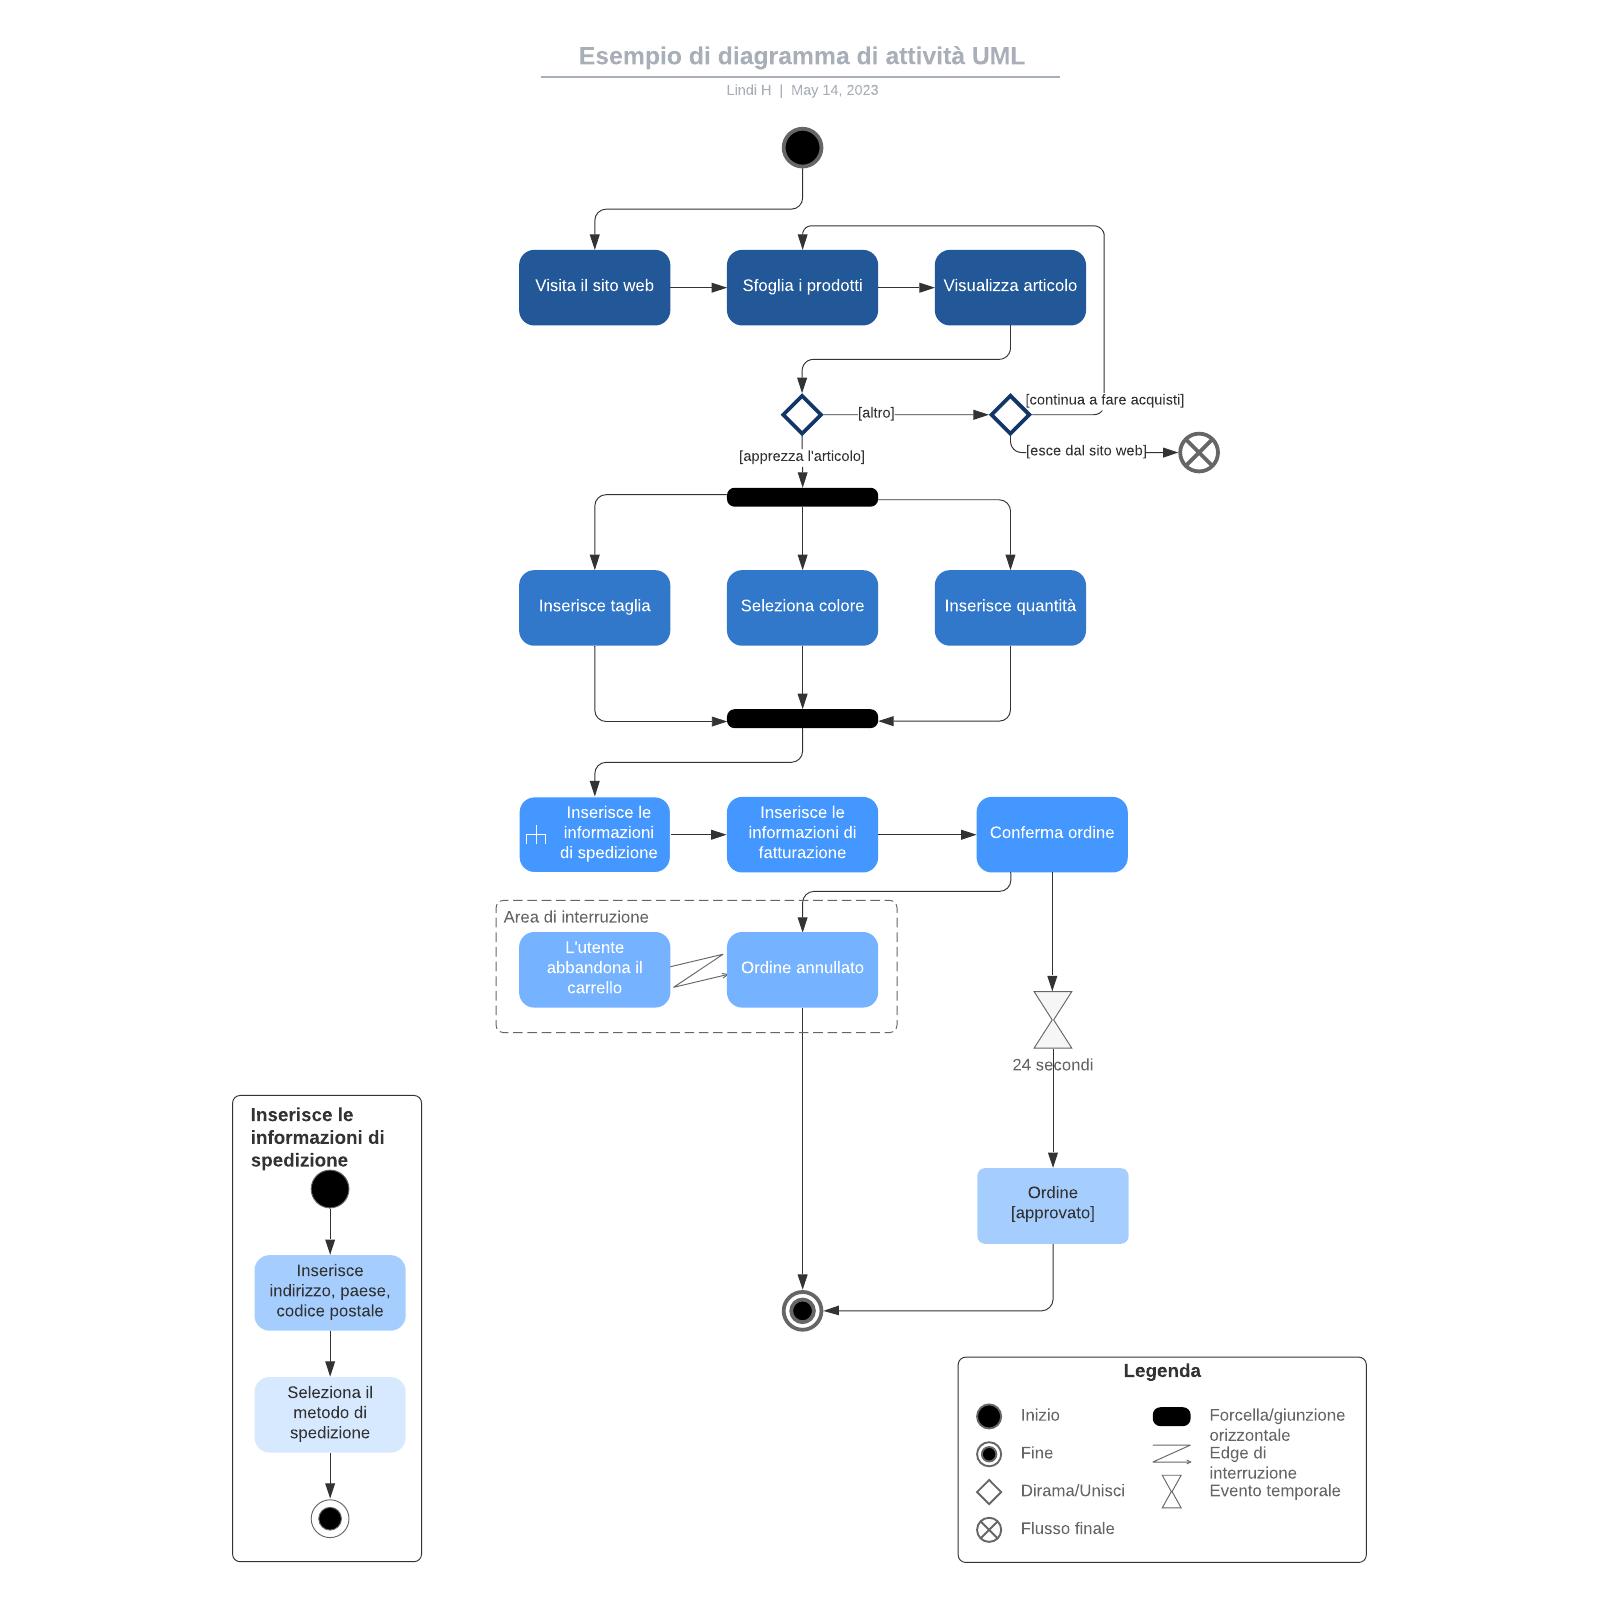 Esempio di diagramma di attività UML